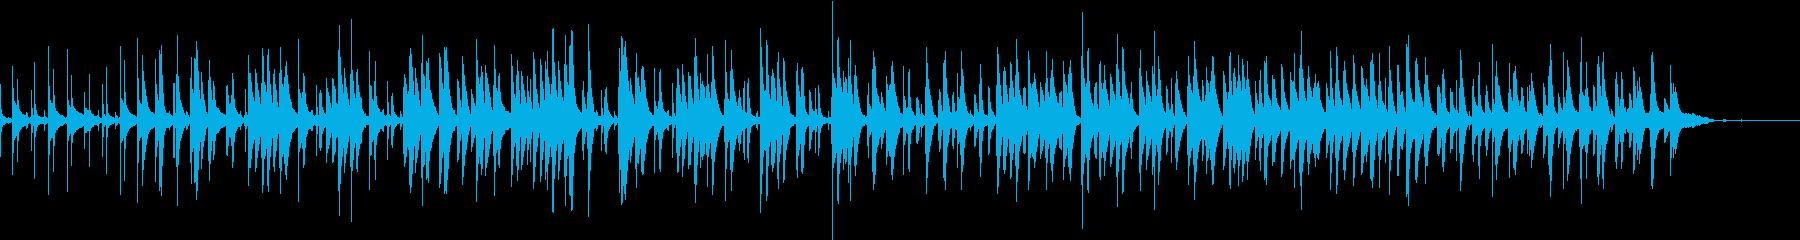 神秘的で可愛らしいパーカッション曲の再生済みの波形